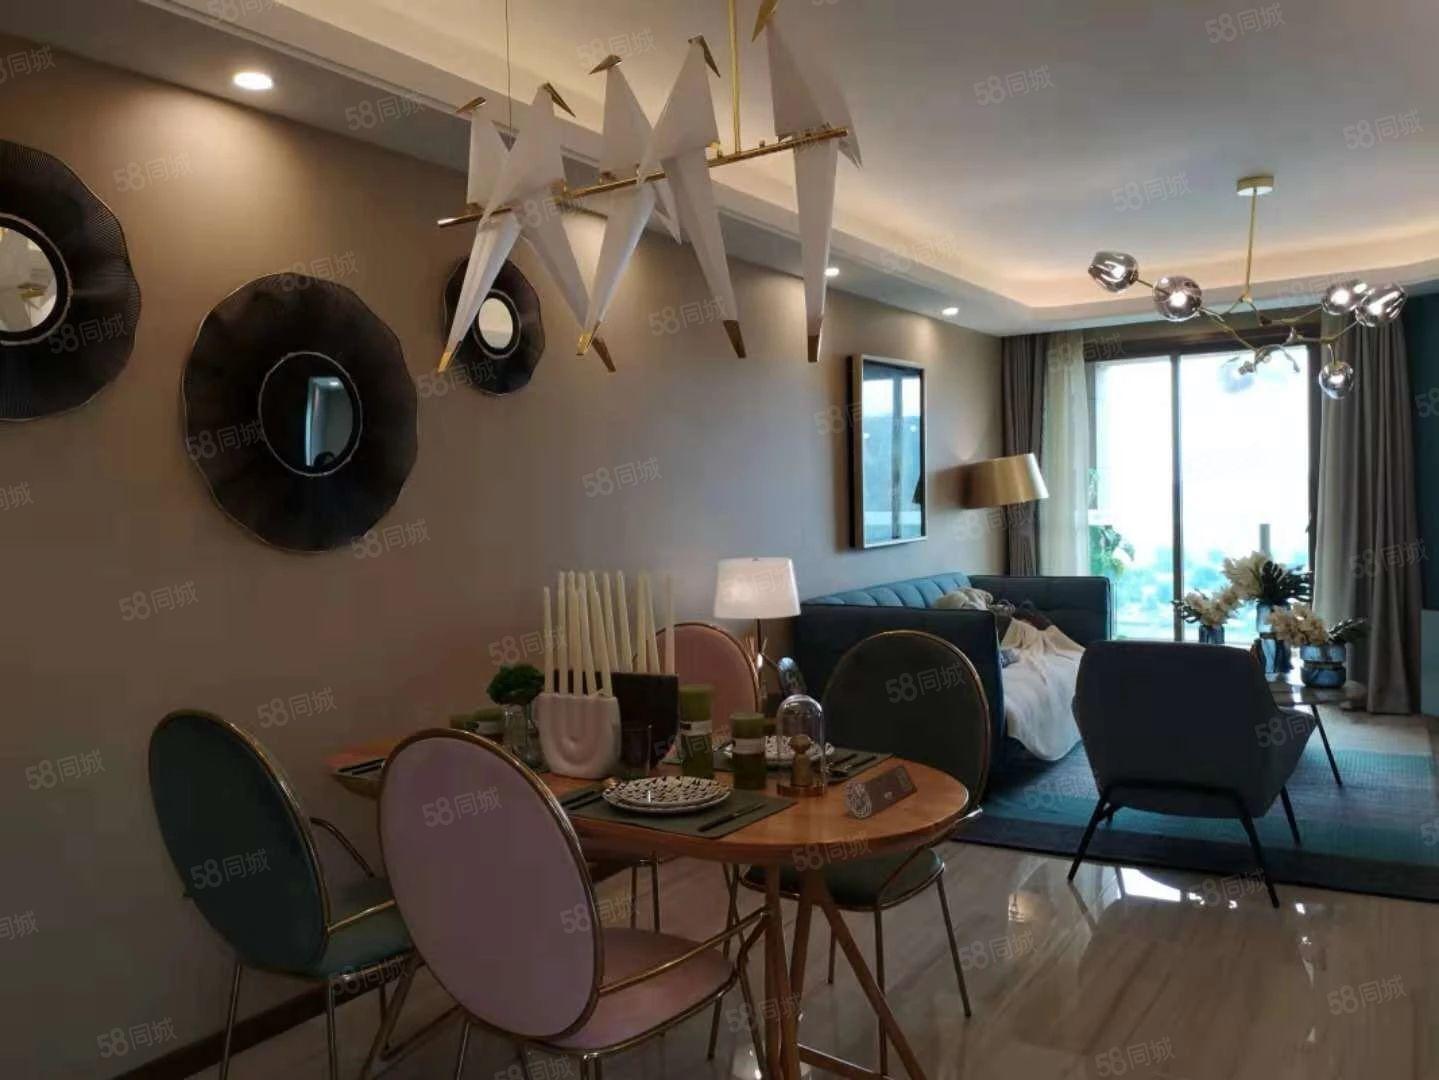 国家重点旅游项目澳门拉斯维加斯网址抚仙湖畔欢乐大世界精装修投资型海景住宅